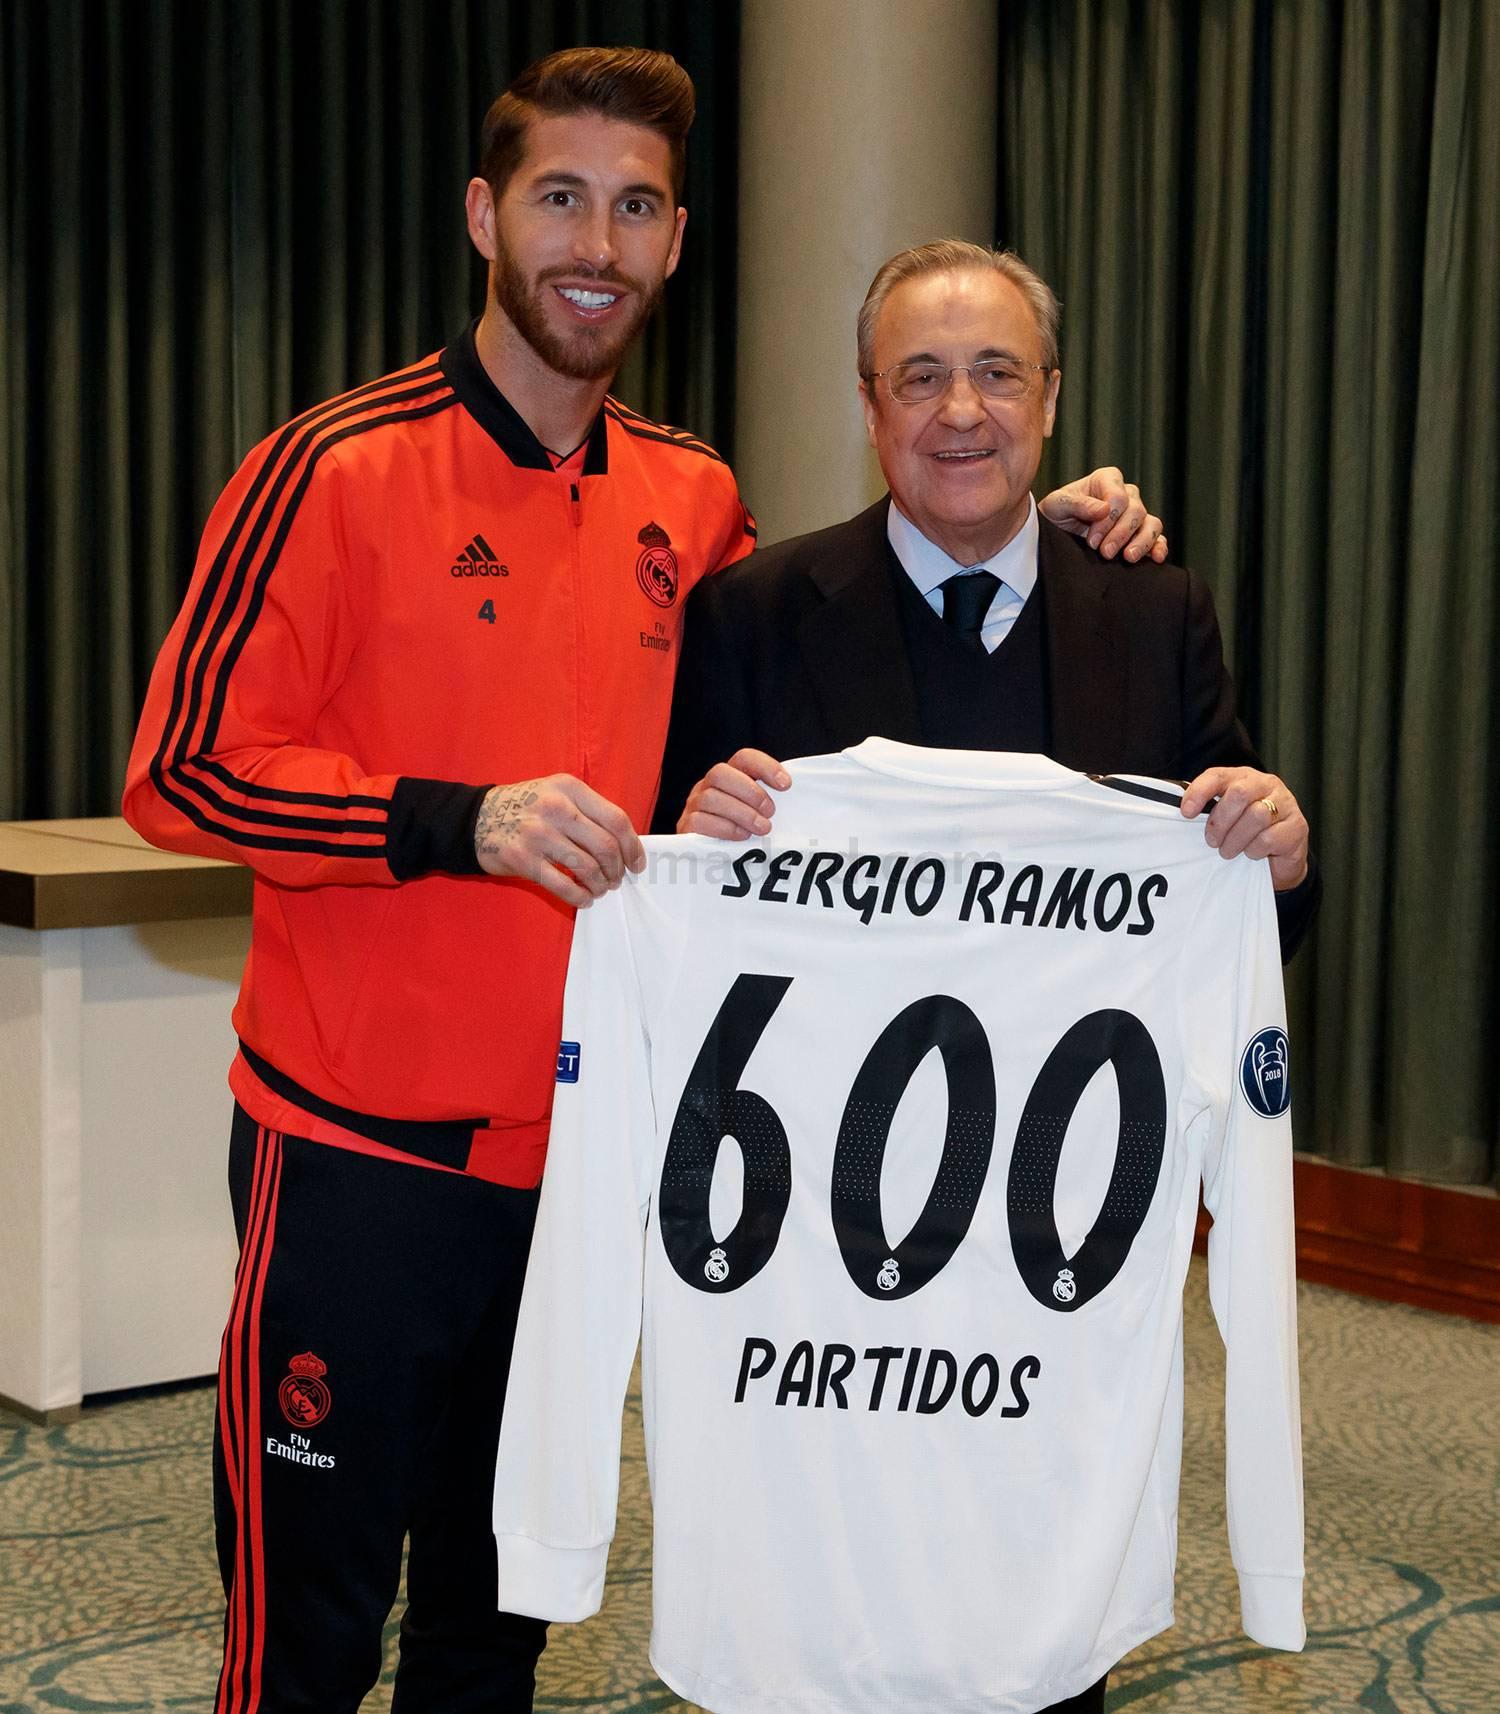 Sergio Ramos et le président du Real Madrid Florentino Peréz